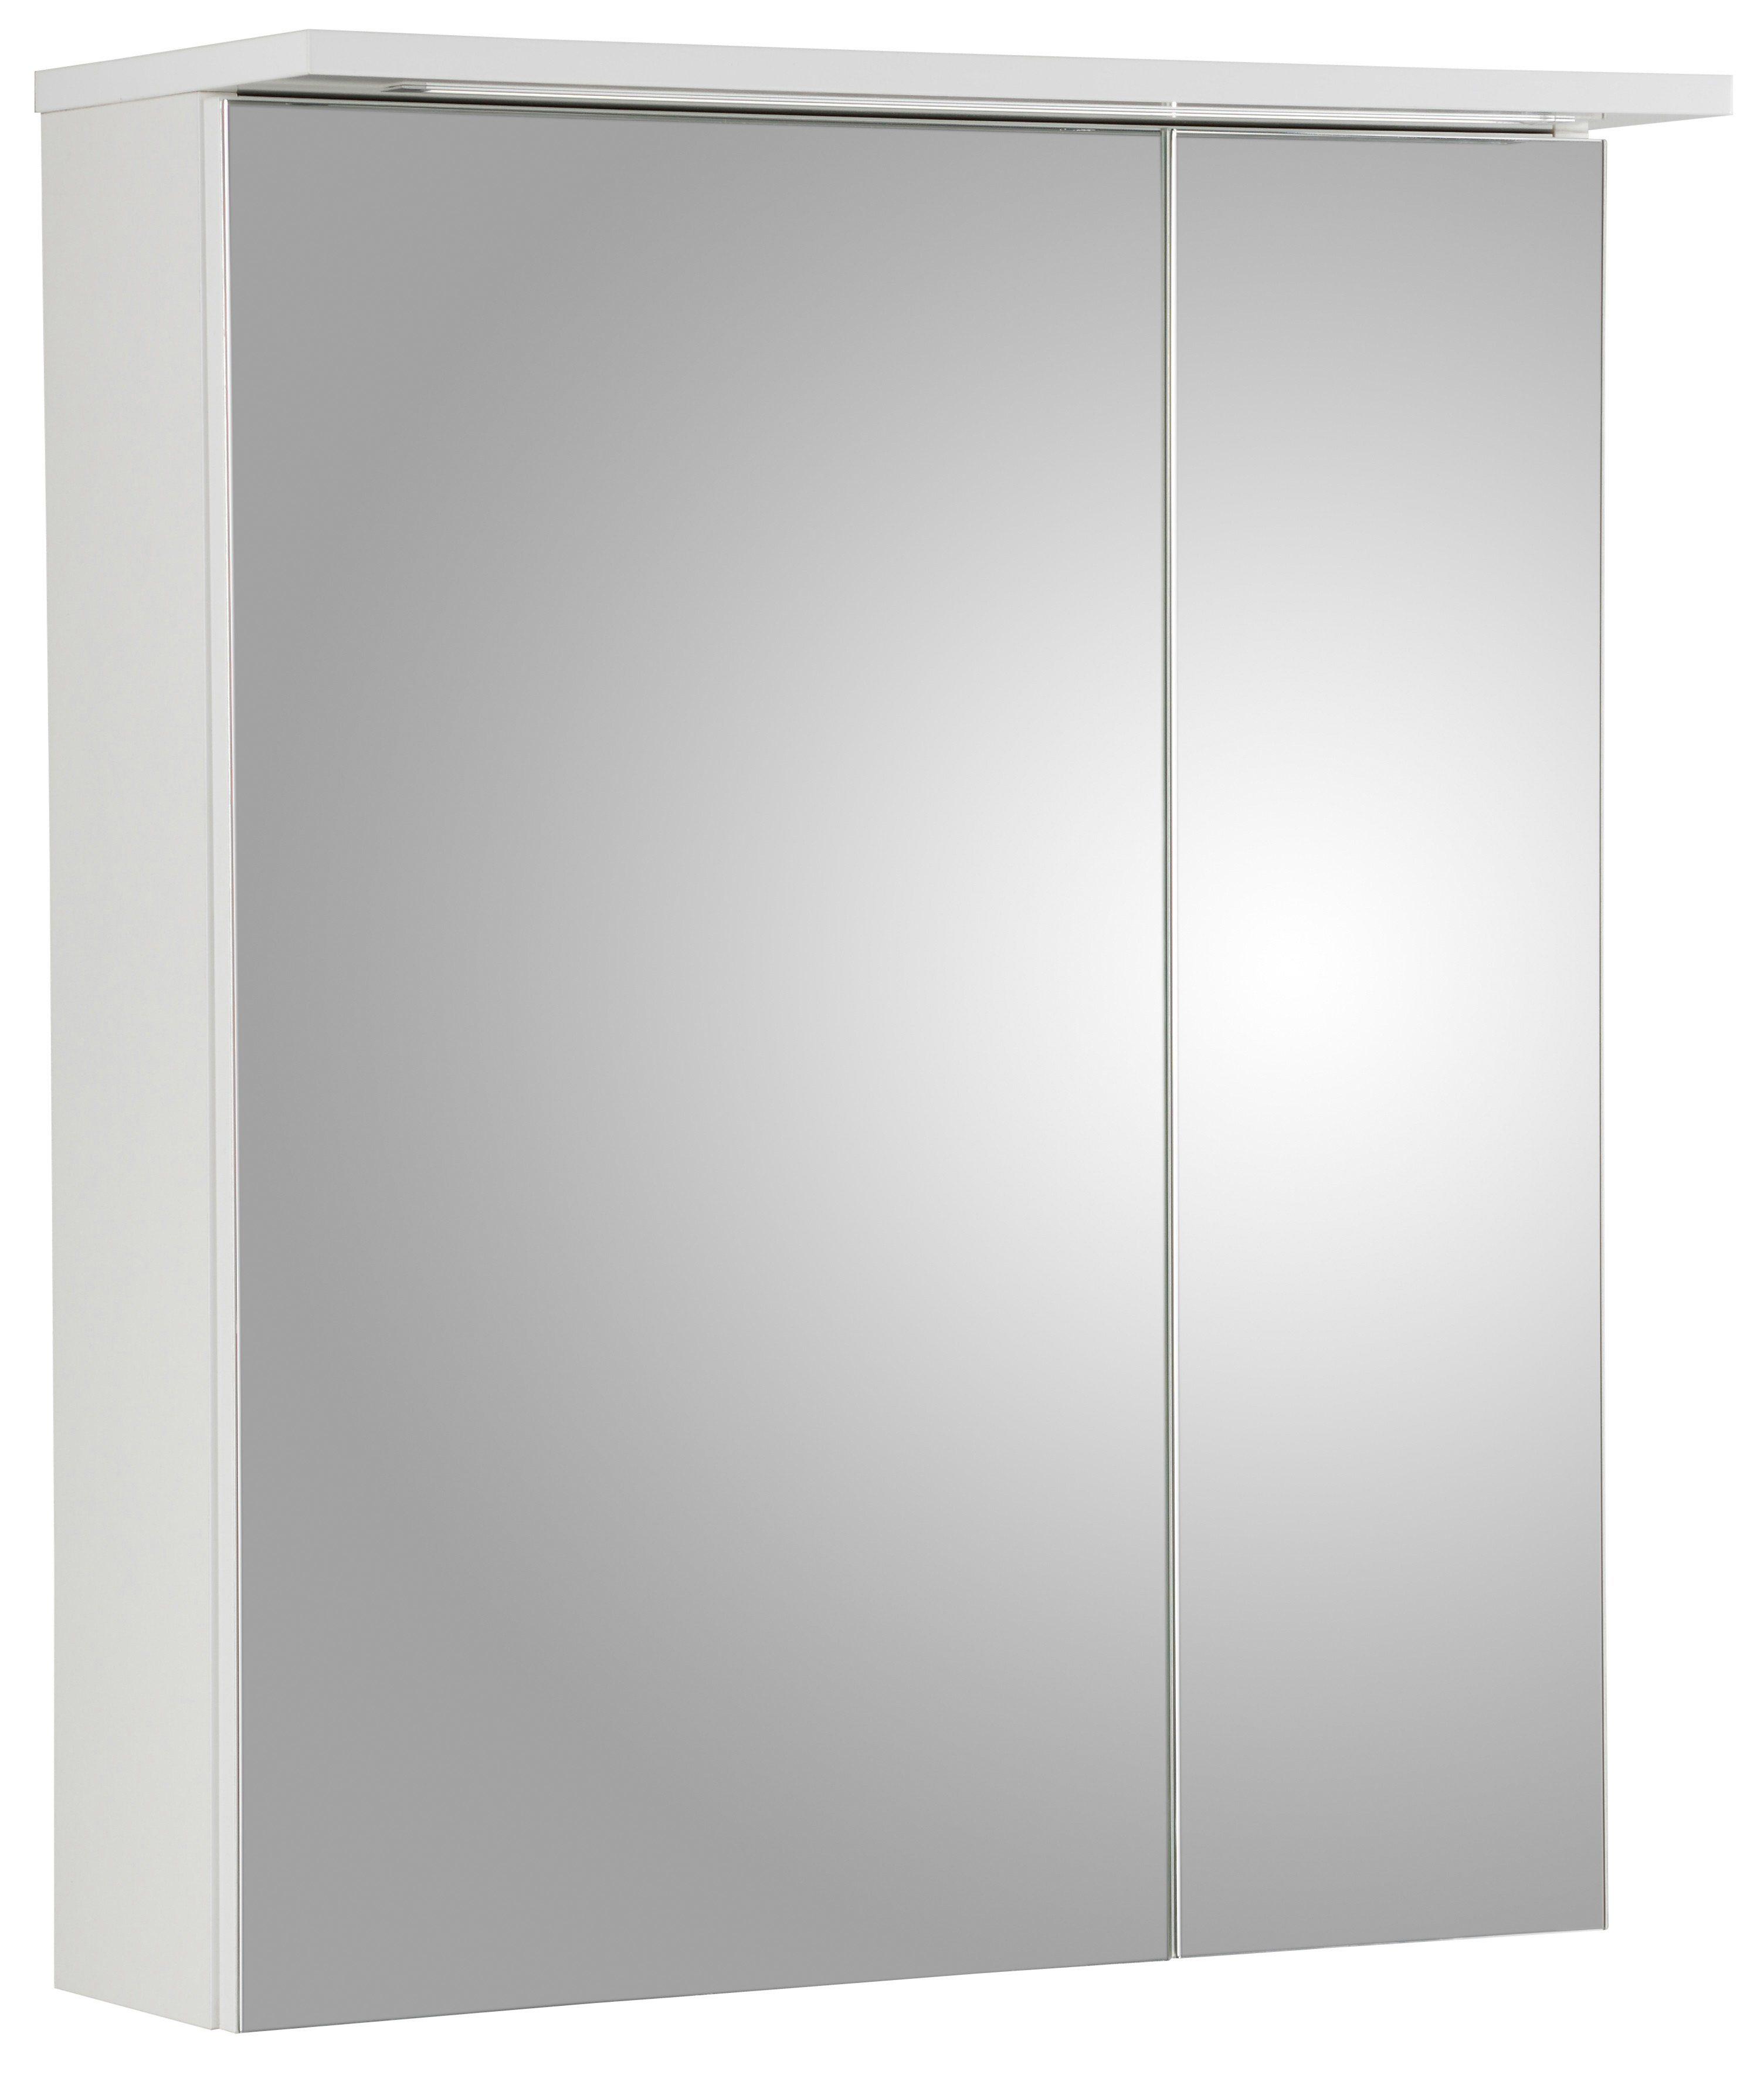 schildmeyer Spiegelschränke fürs Bad online kaufen | Möbel ...